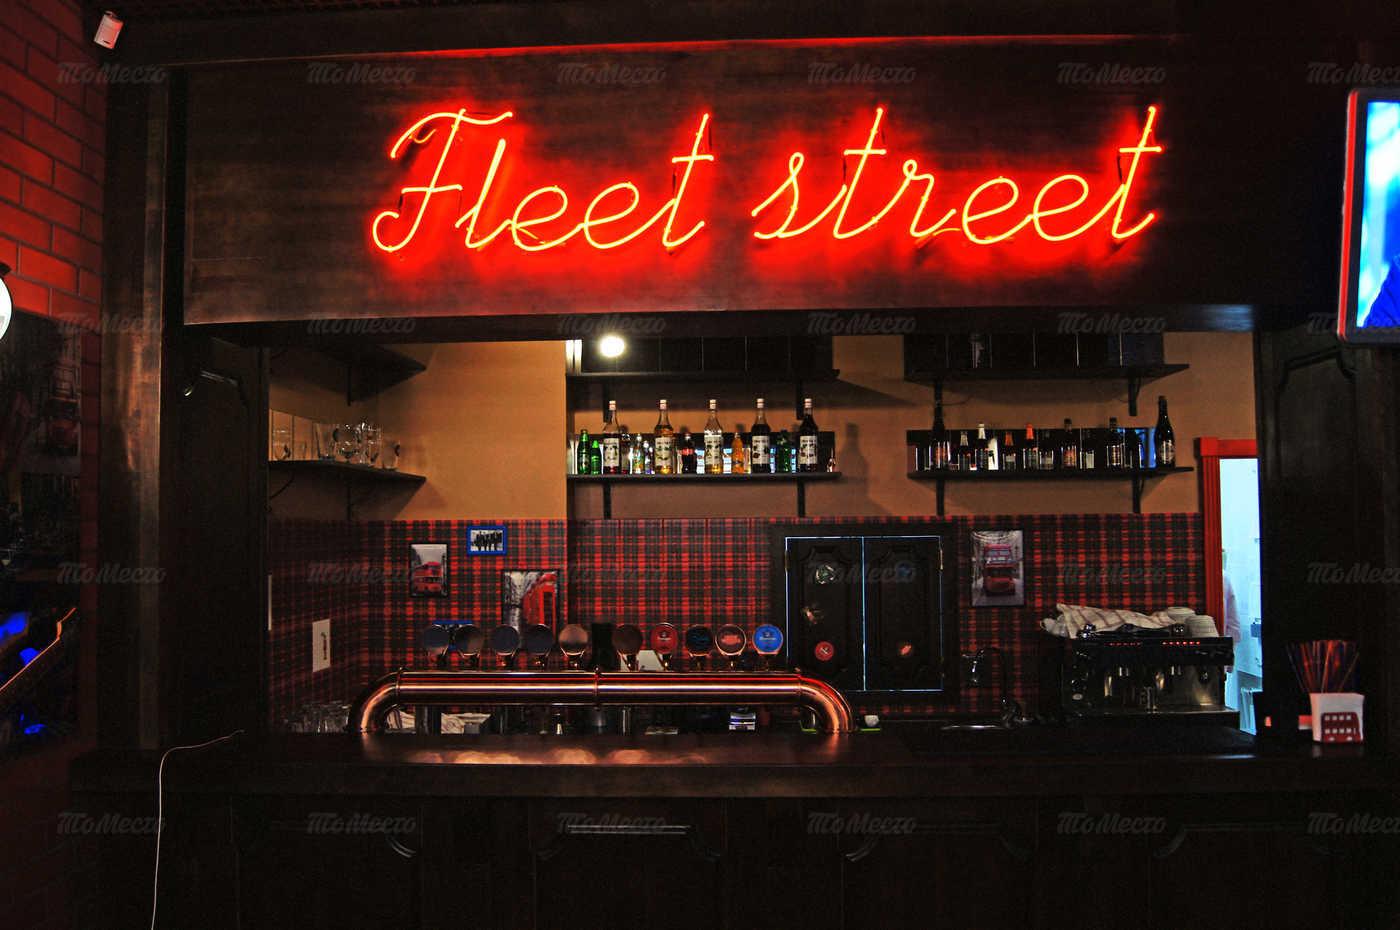 Меню гастропаба Fleet Street на улице Бутлеровой